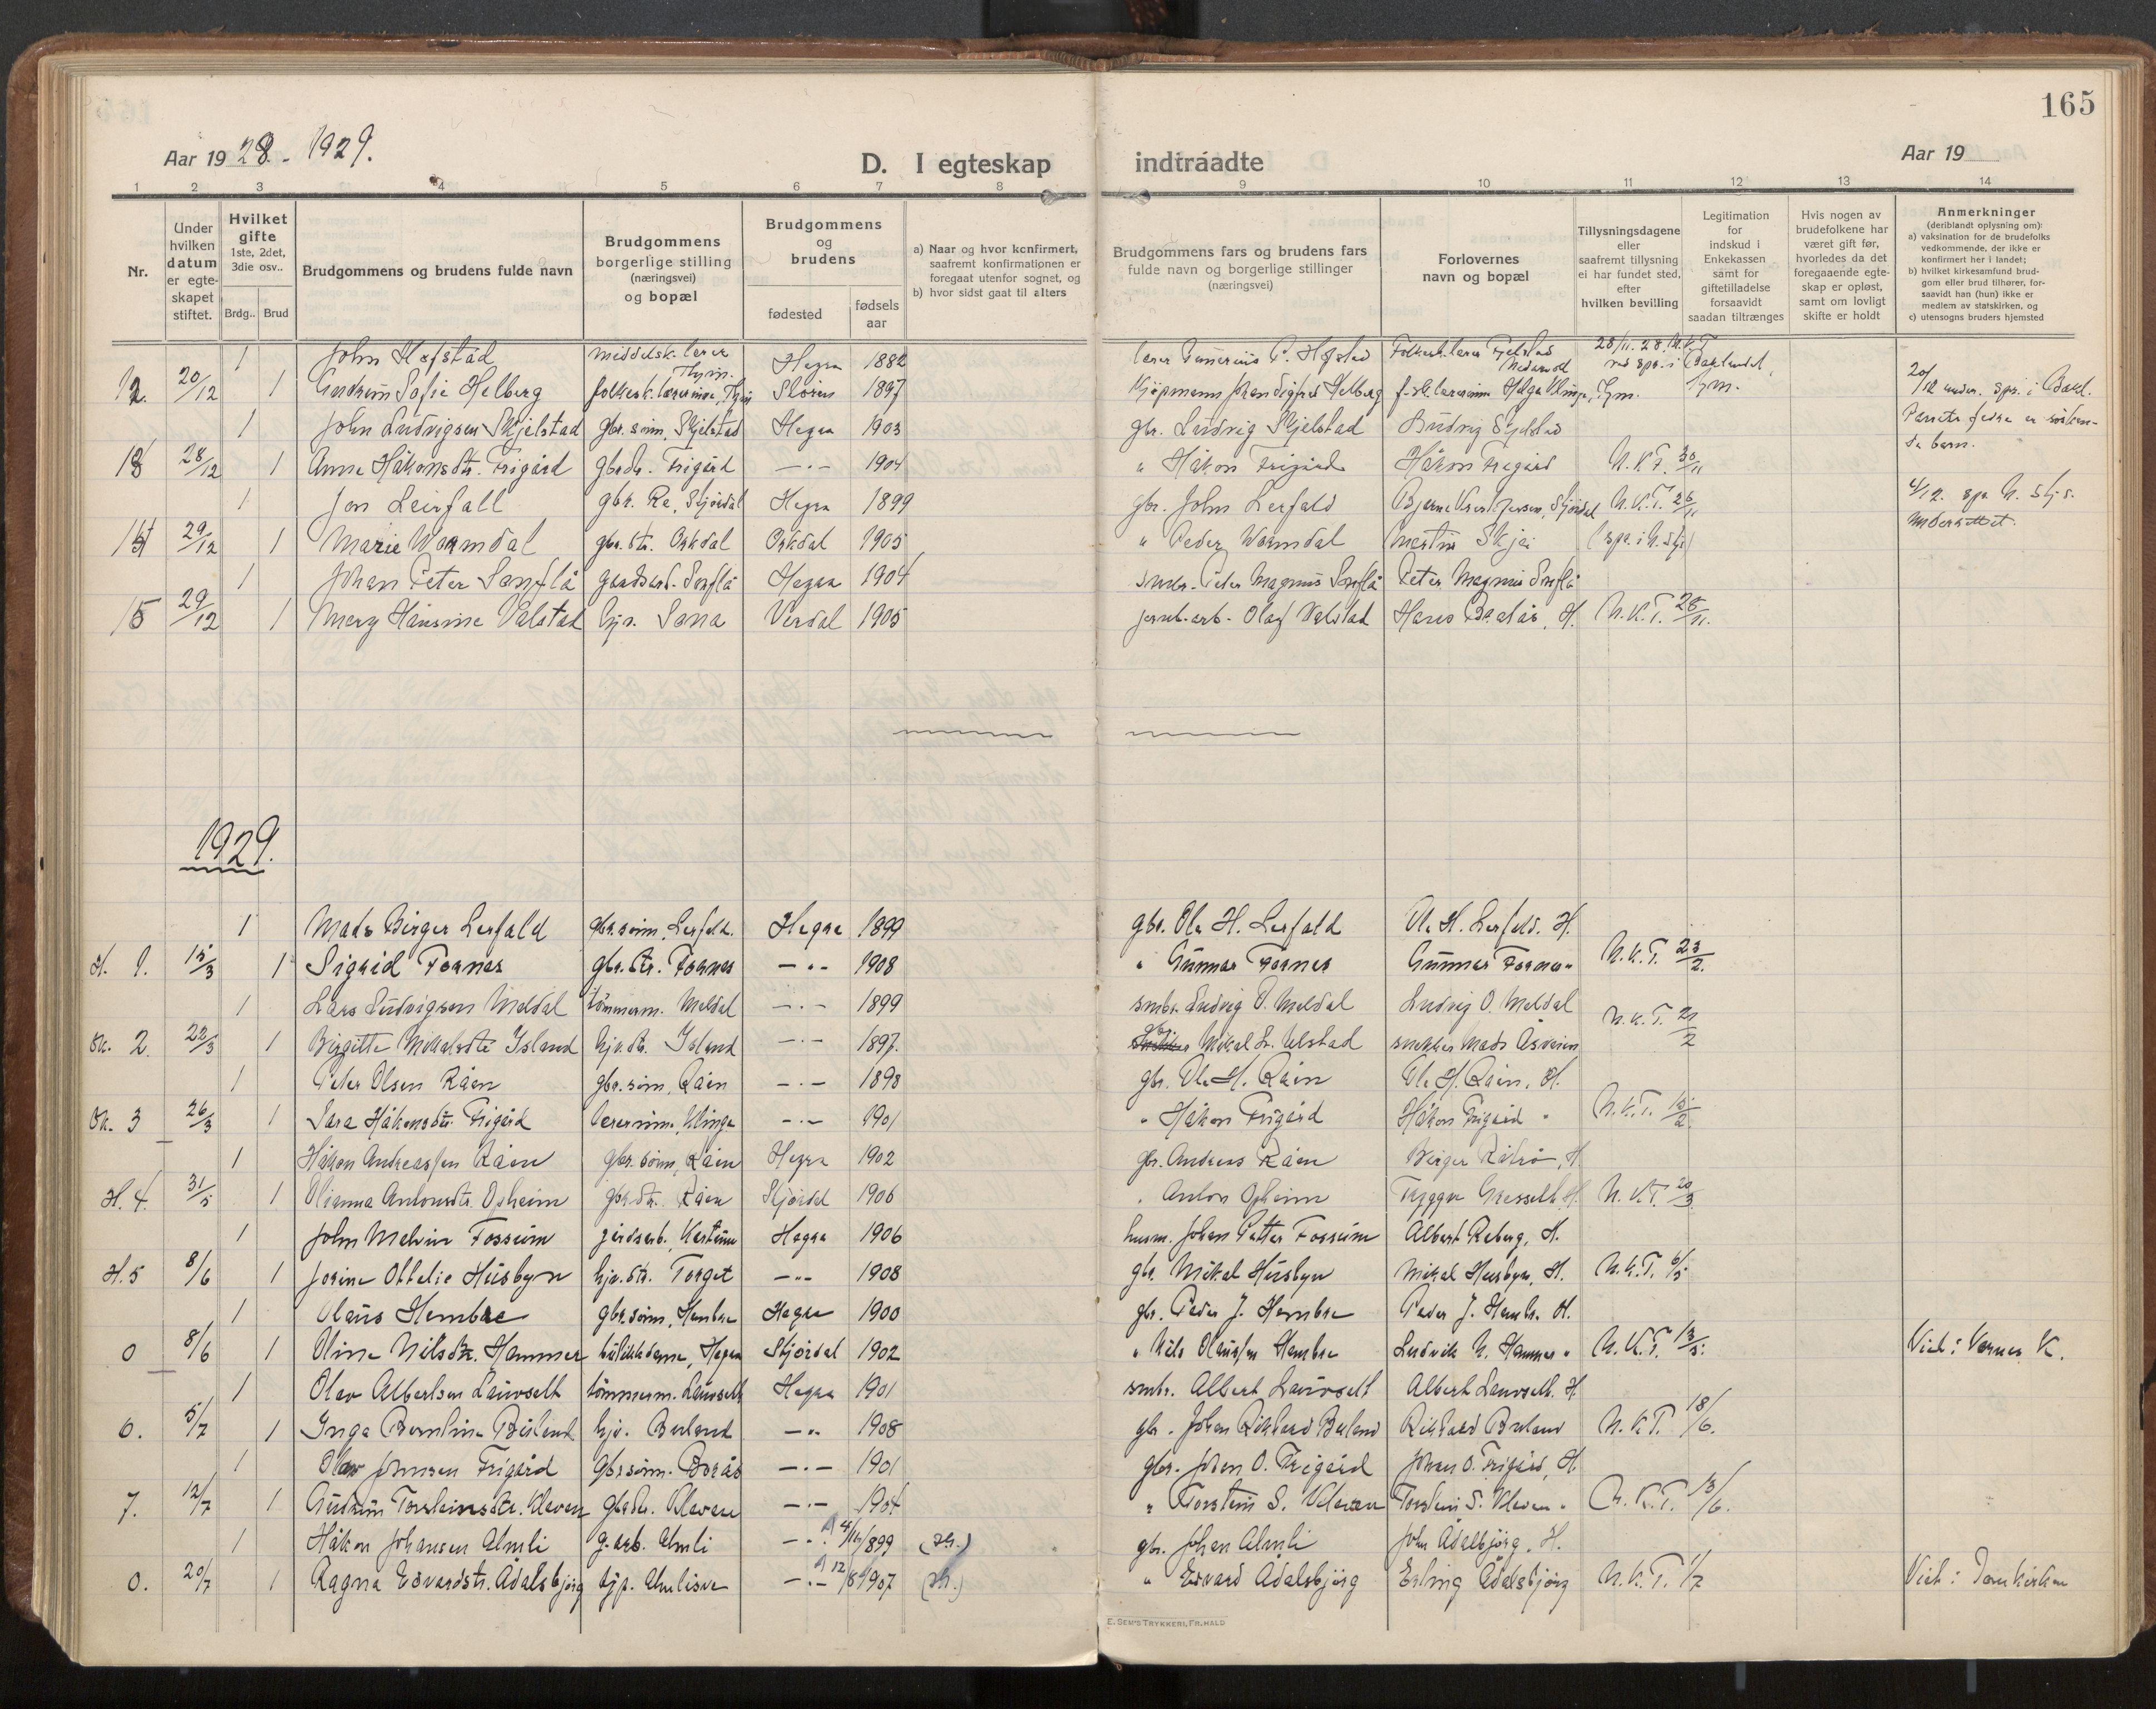 SAT, Ministerialprotokoller, klokkerbøker og fødselsregistre - Nord-Trøndelag, 703/L0037: Parish register (official) no. 703A10, 1915-1932, p. 165